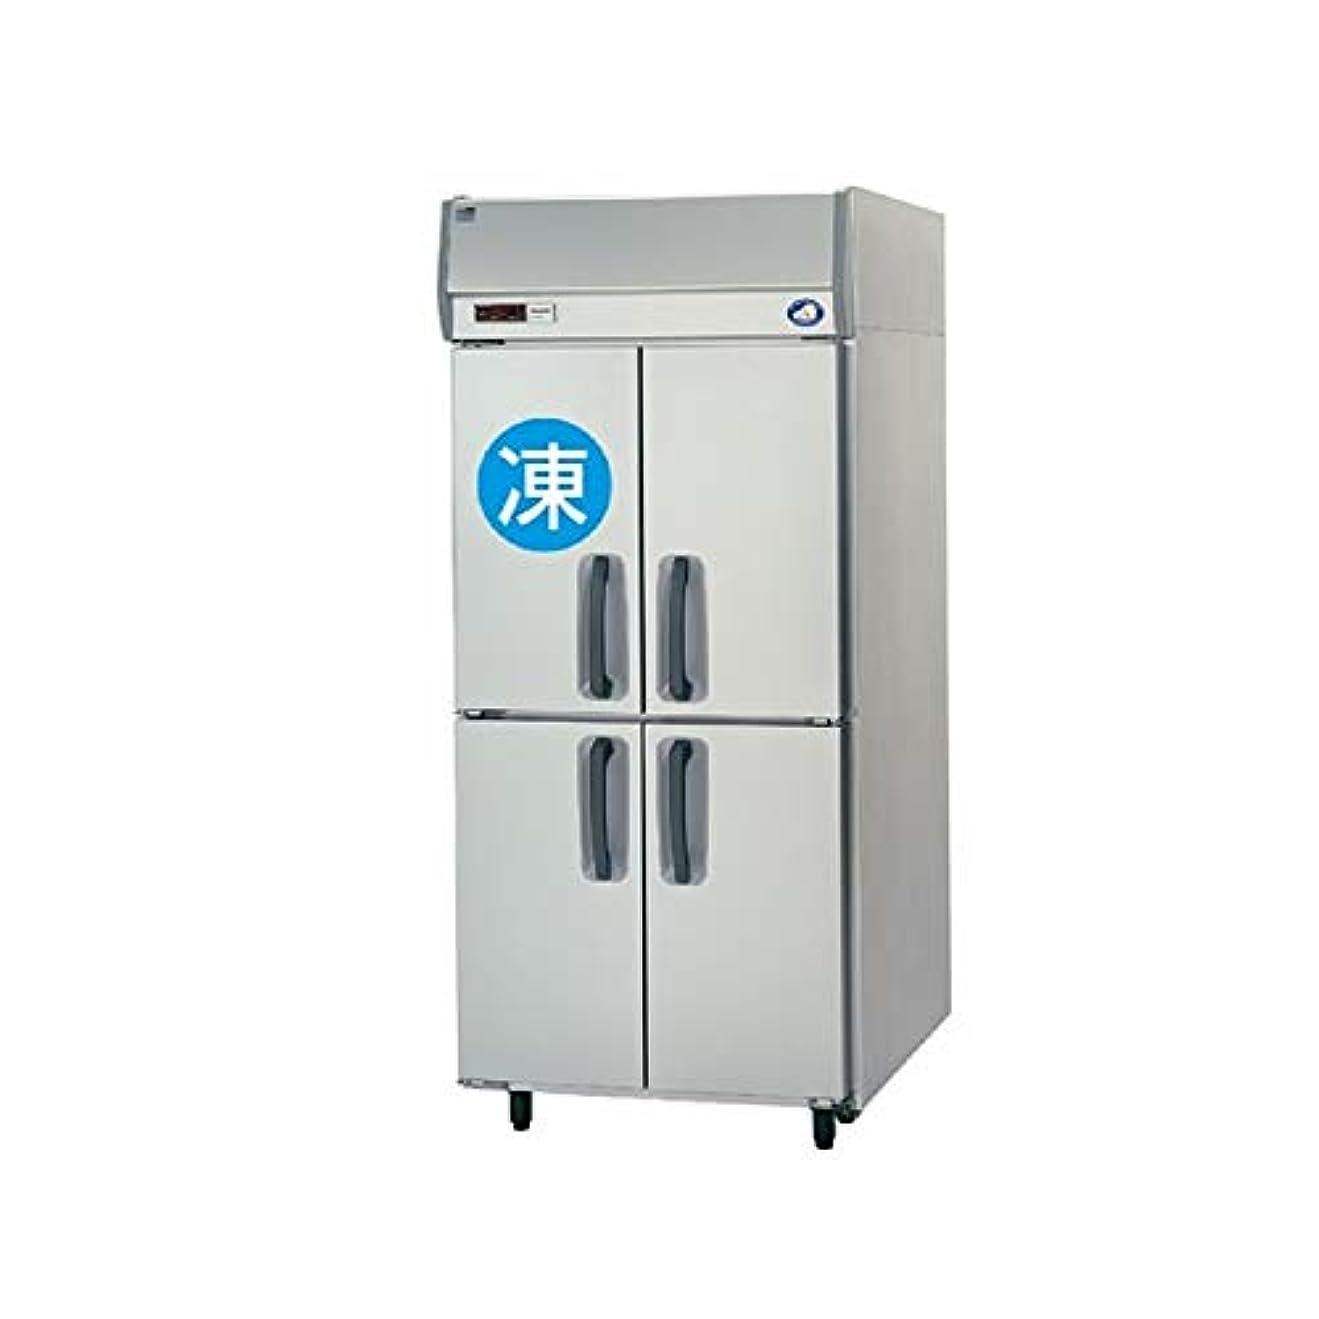 本体逆牧師パナソニック タテ型冷凍冷蔵庫 SRR-K961CSB